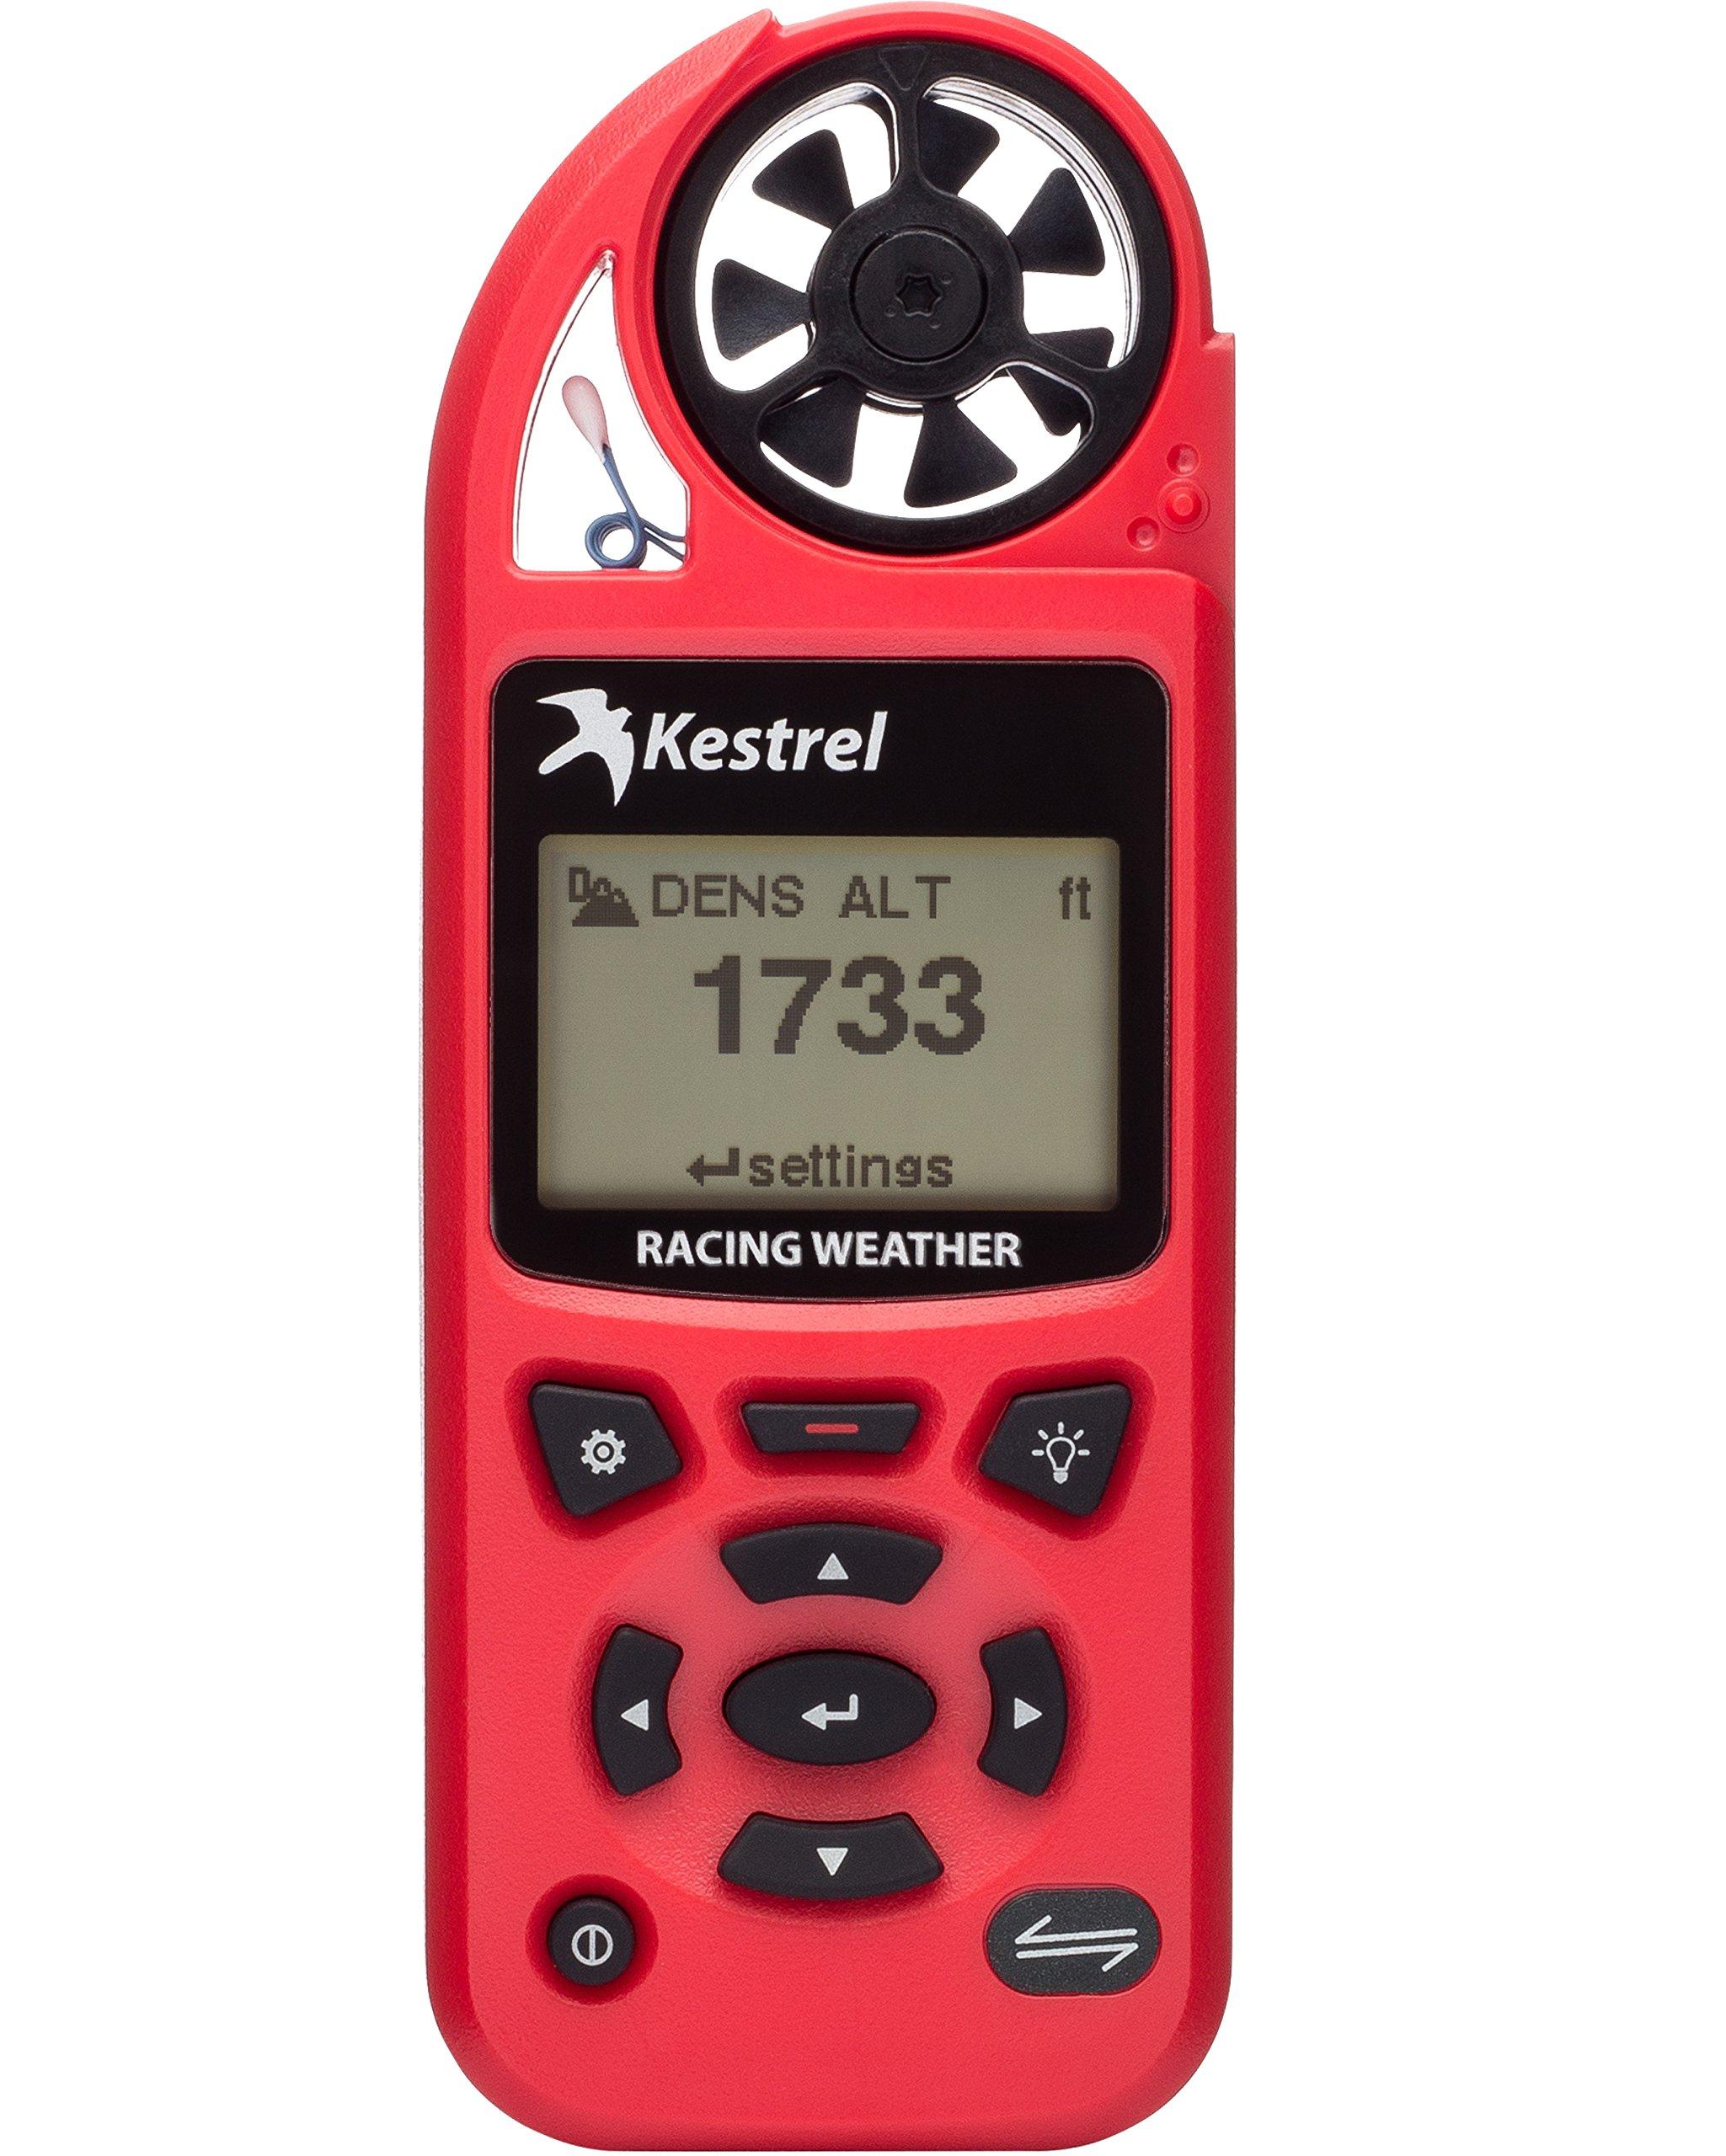 Kestrel 5100 Racing Weather Meter Non-Link by Kestrel